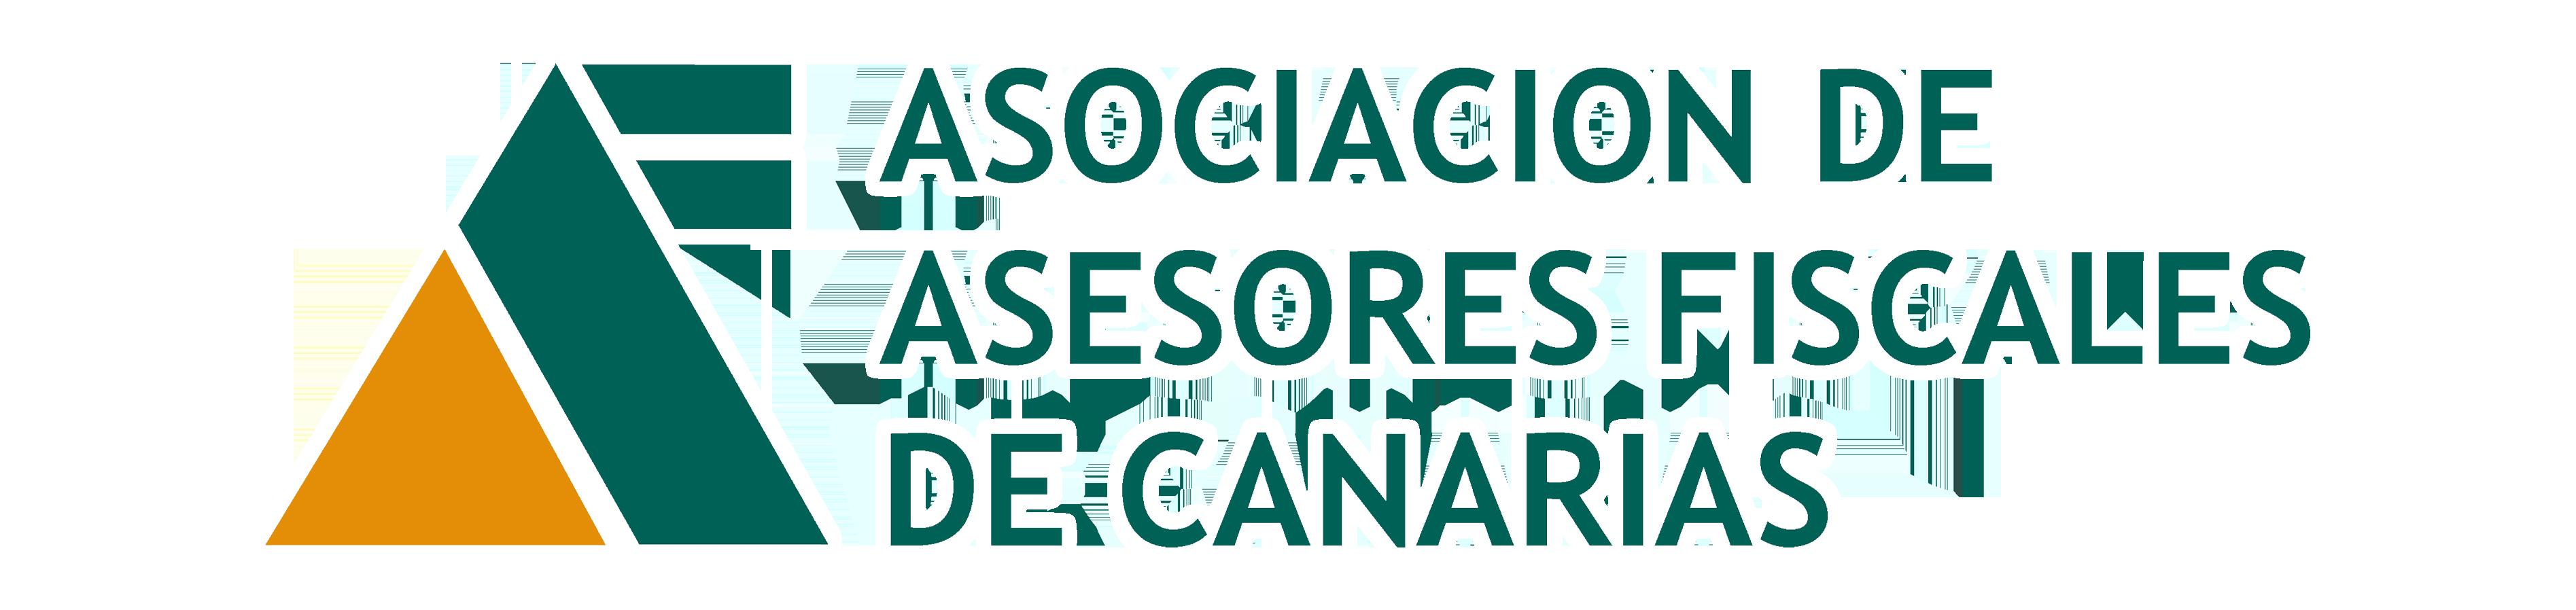 Asociación de Asesores Fiscales de Canarias